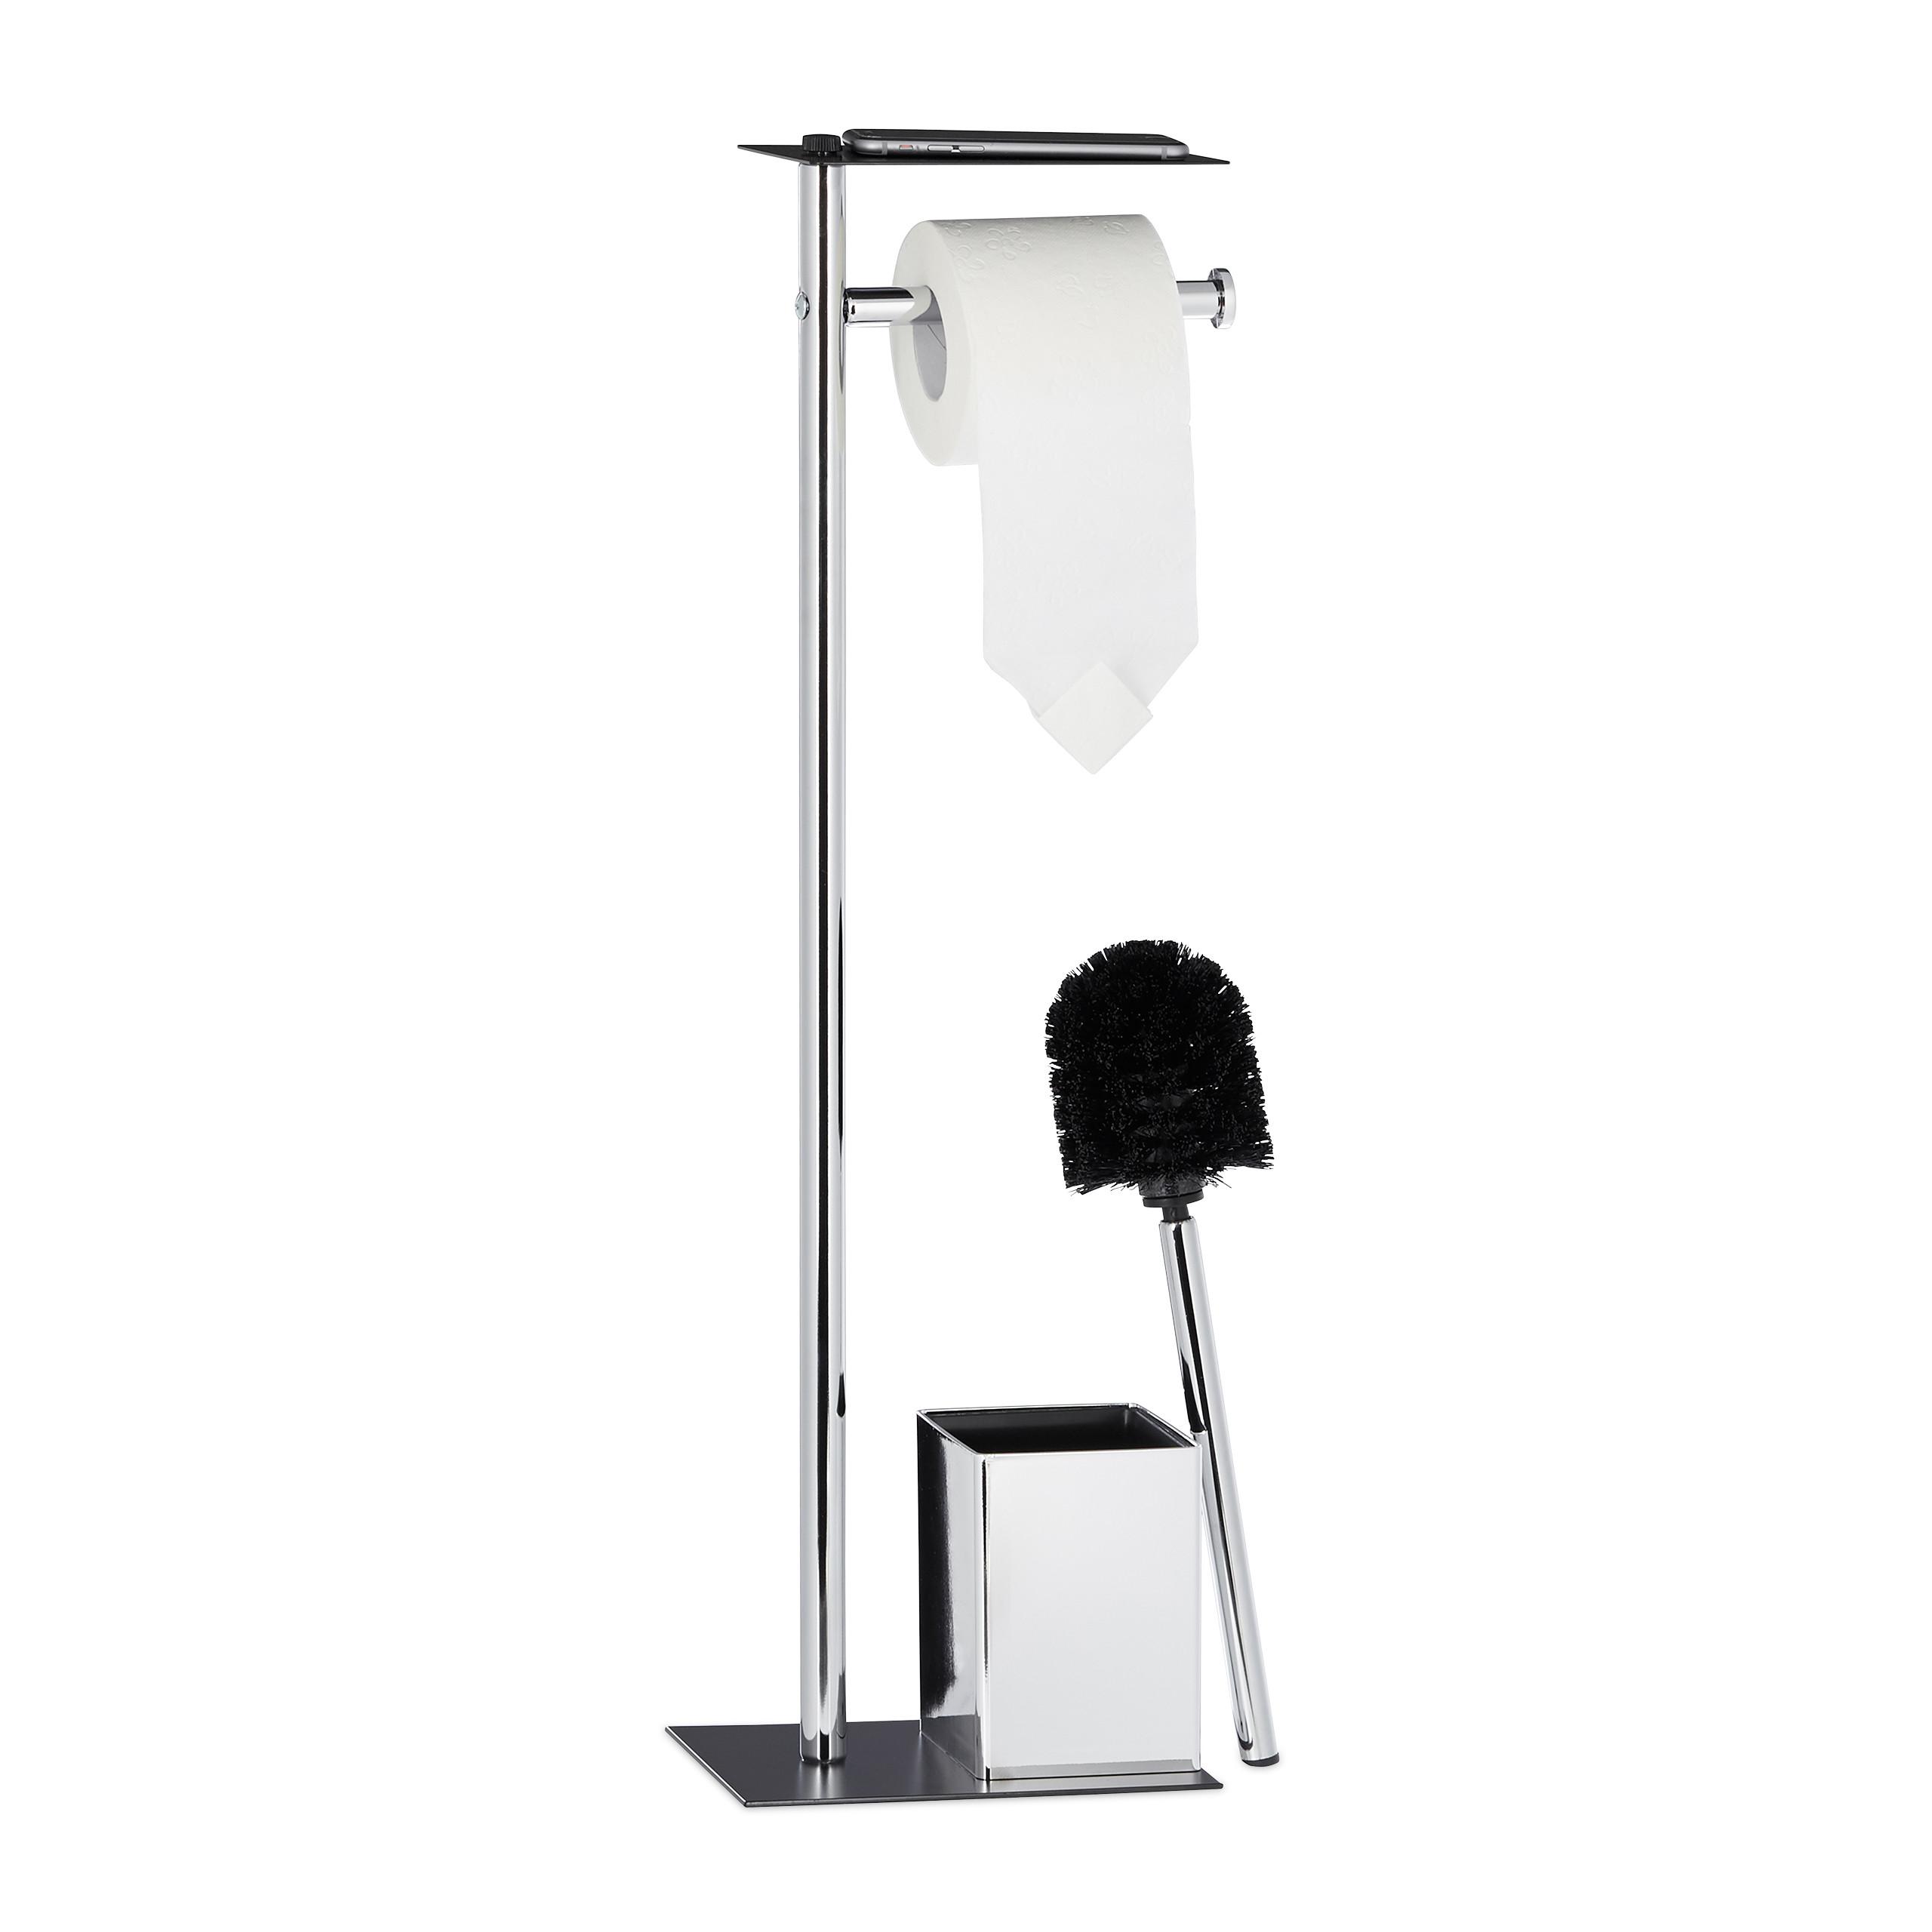 wc garnitur mit ablage toilettenpapierhalter toilettenb rste klob rstenhalter ebay. Black Bedroom Furniture Sets. Home Design Ideas